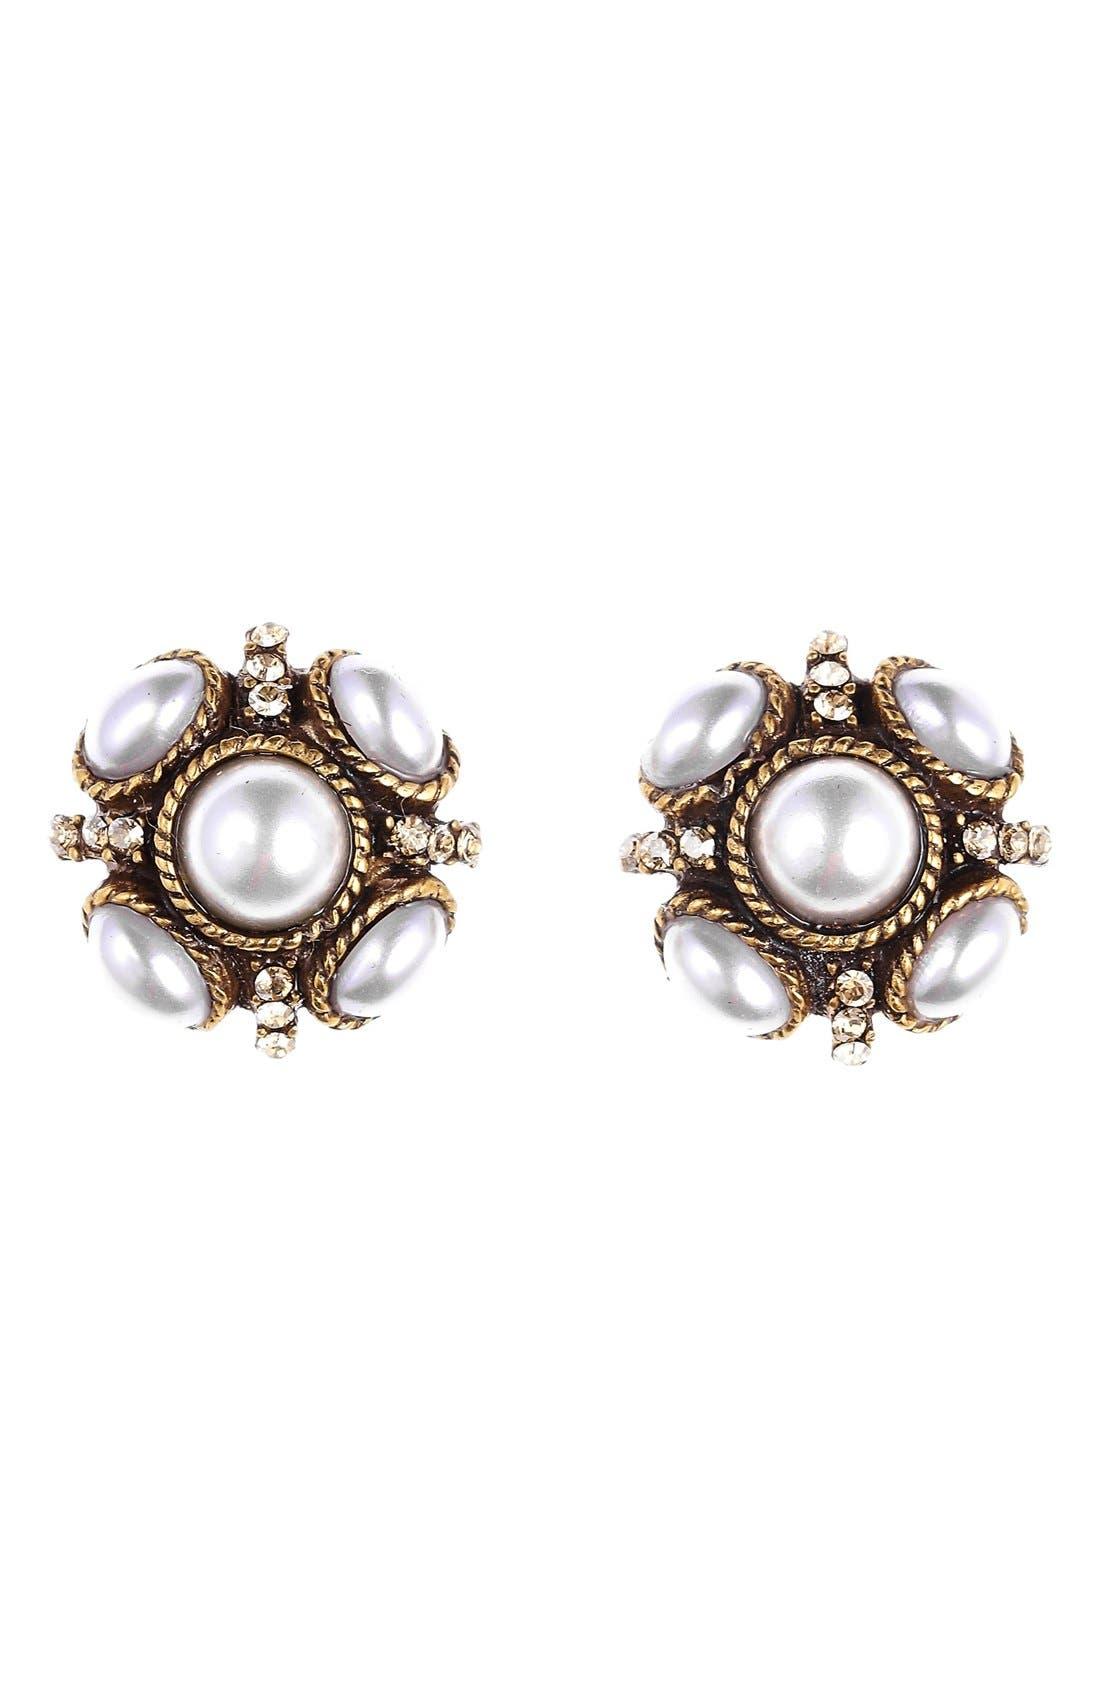 Alternate Image 1 Selected - Oscar de la Renta 'Classic Button' Stud Earrings